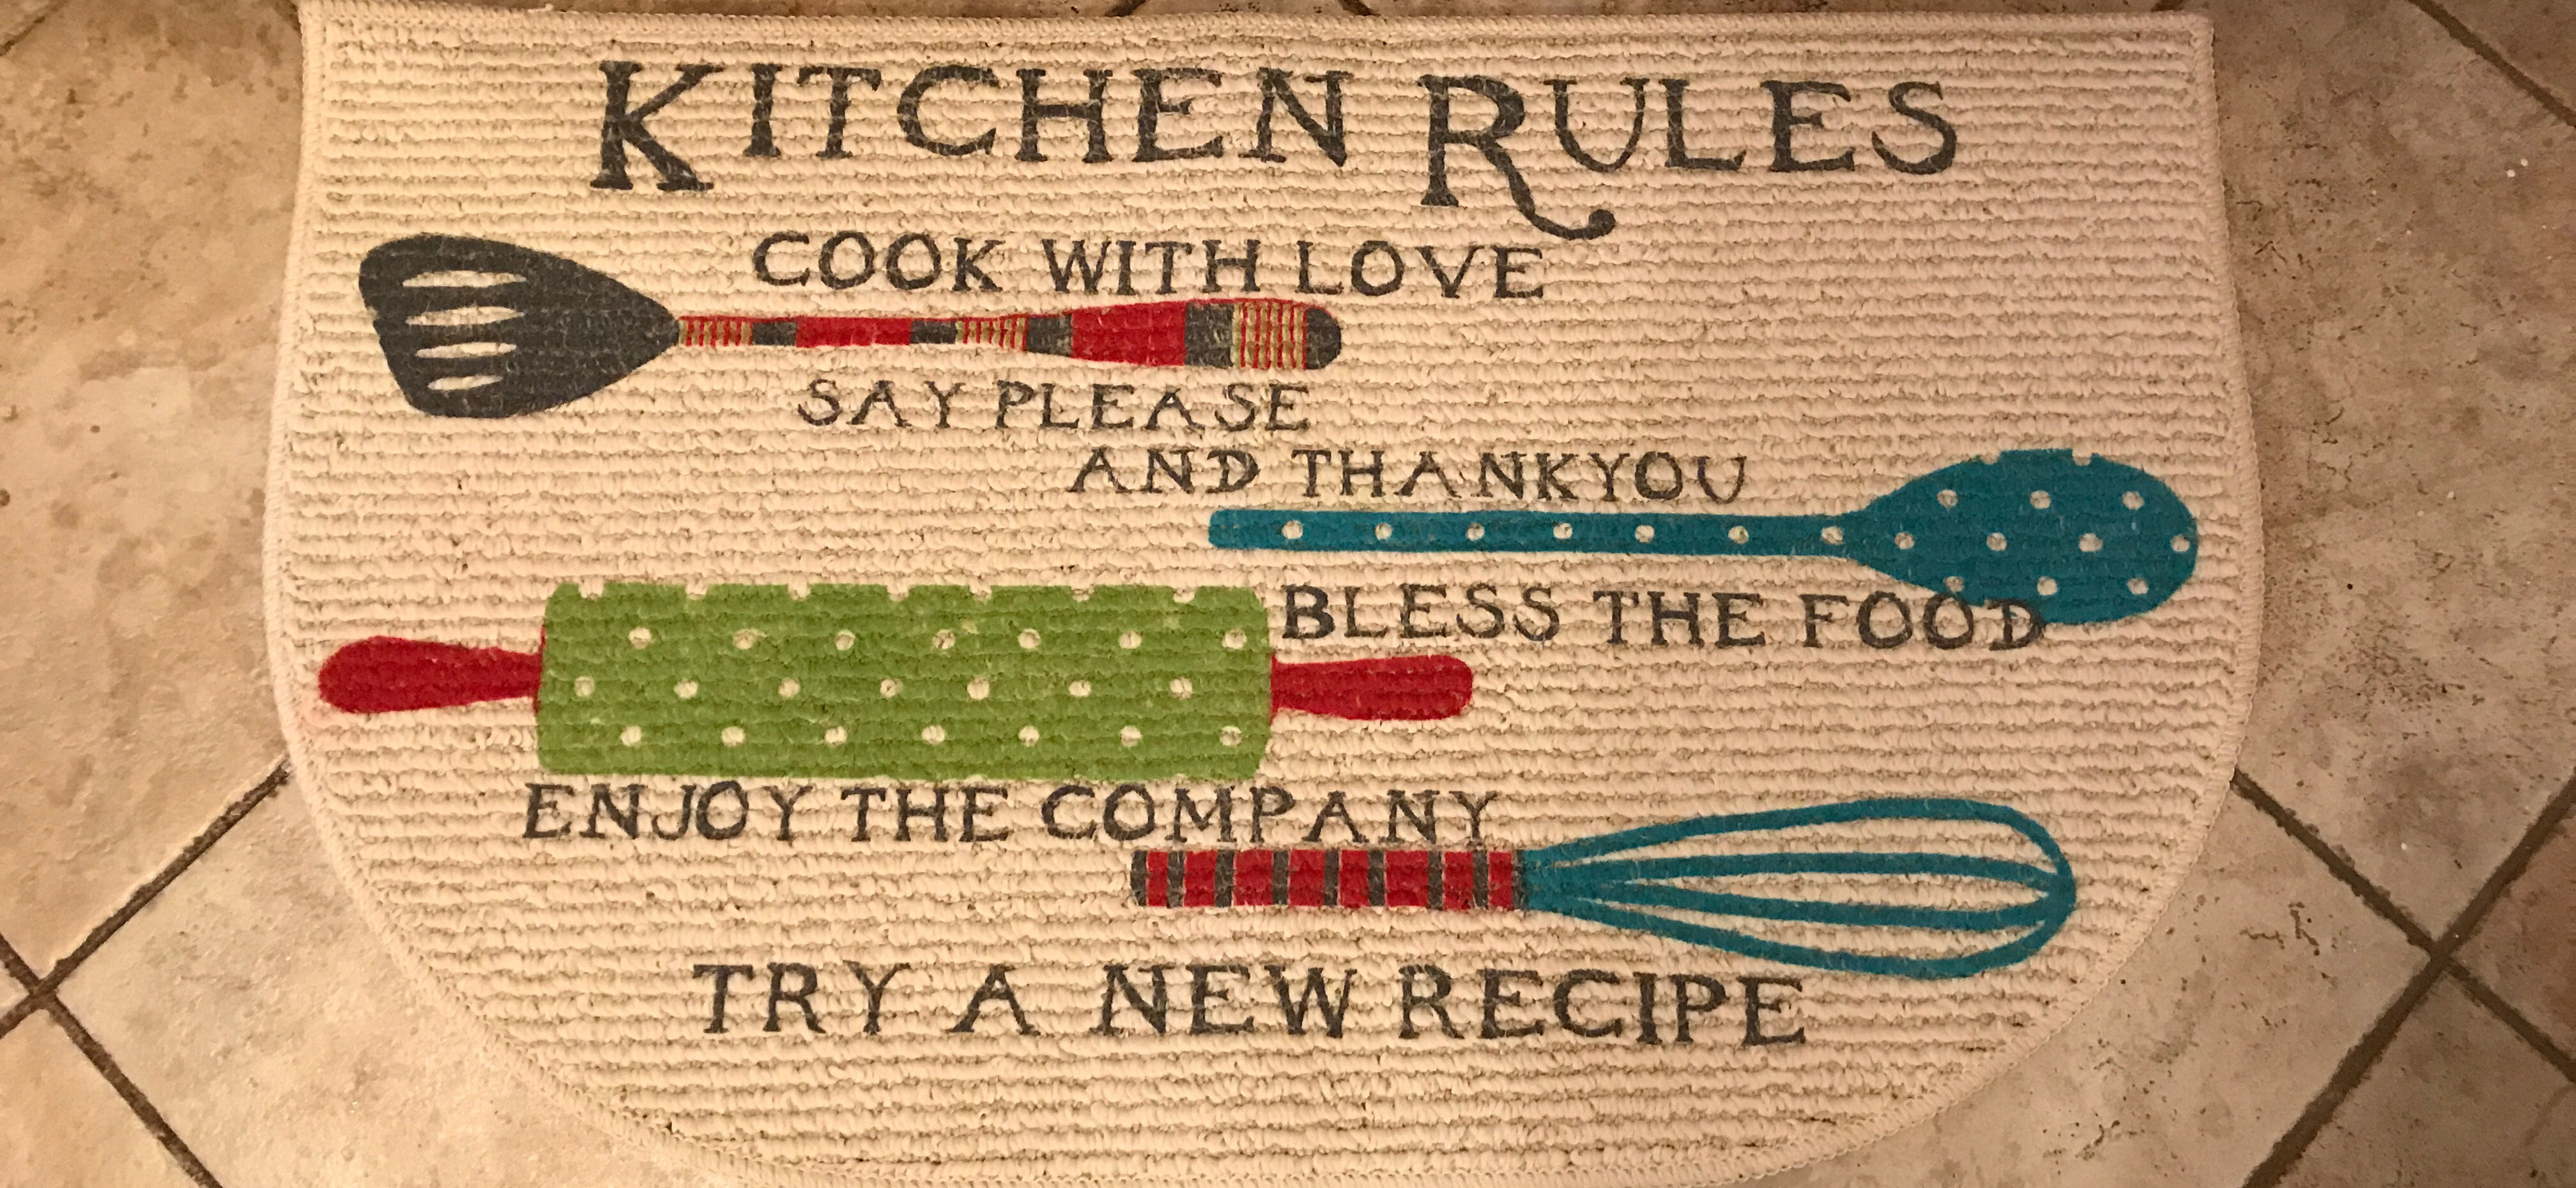 🍳Sunny愛料理🍽 的個人封面